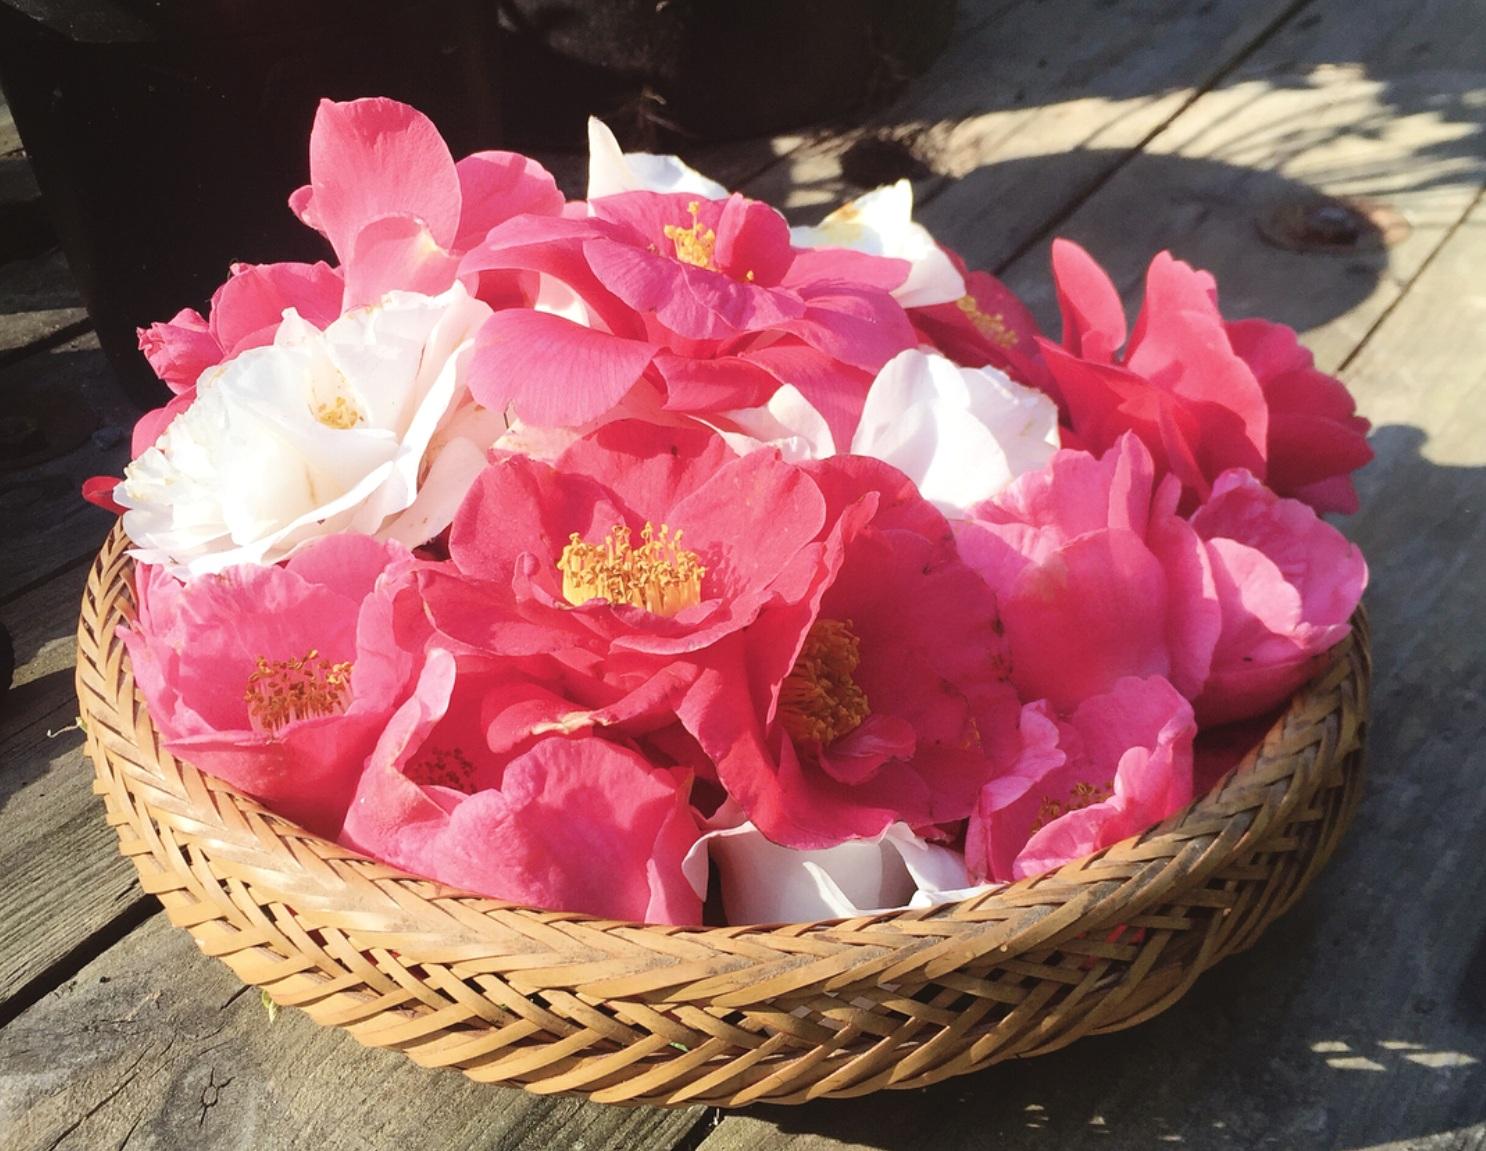 Kamelienblüten. Die benutze ich für Naturkosmetik, z.B. Haarpuder, Seifen oder die Handbutter. Im Ofen bei 50 Grad Celsius oder direkt in der Sonne trocknen.